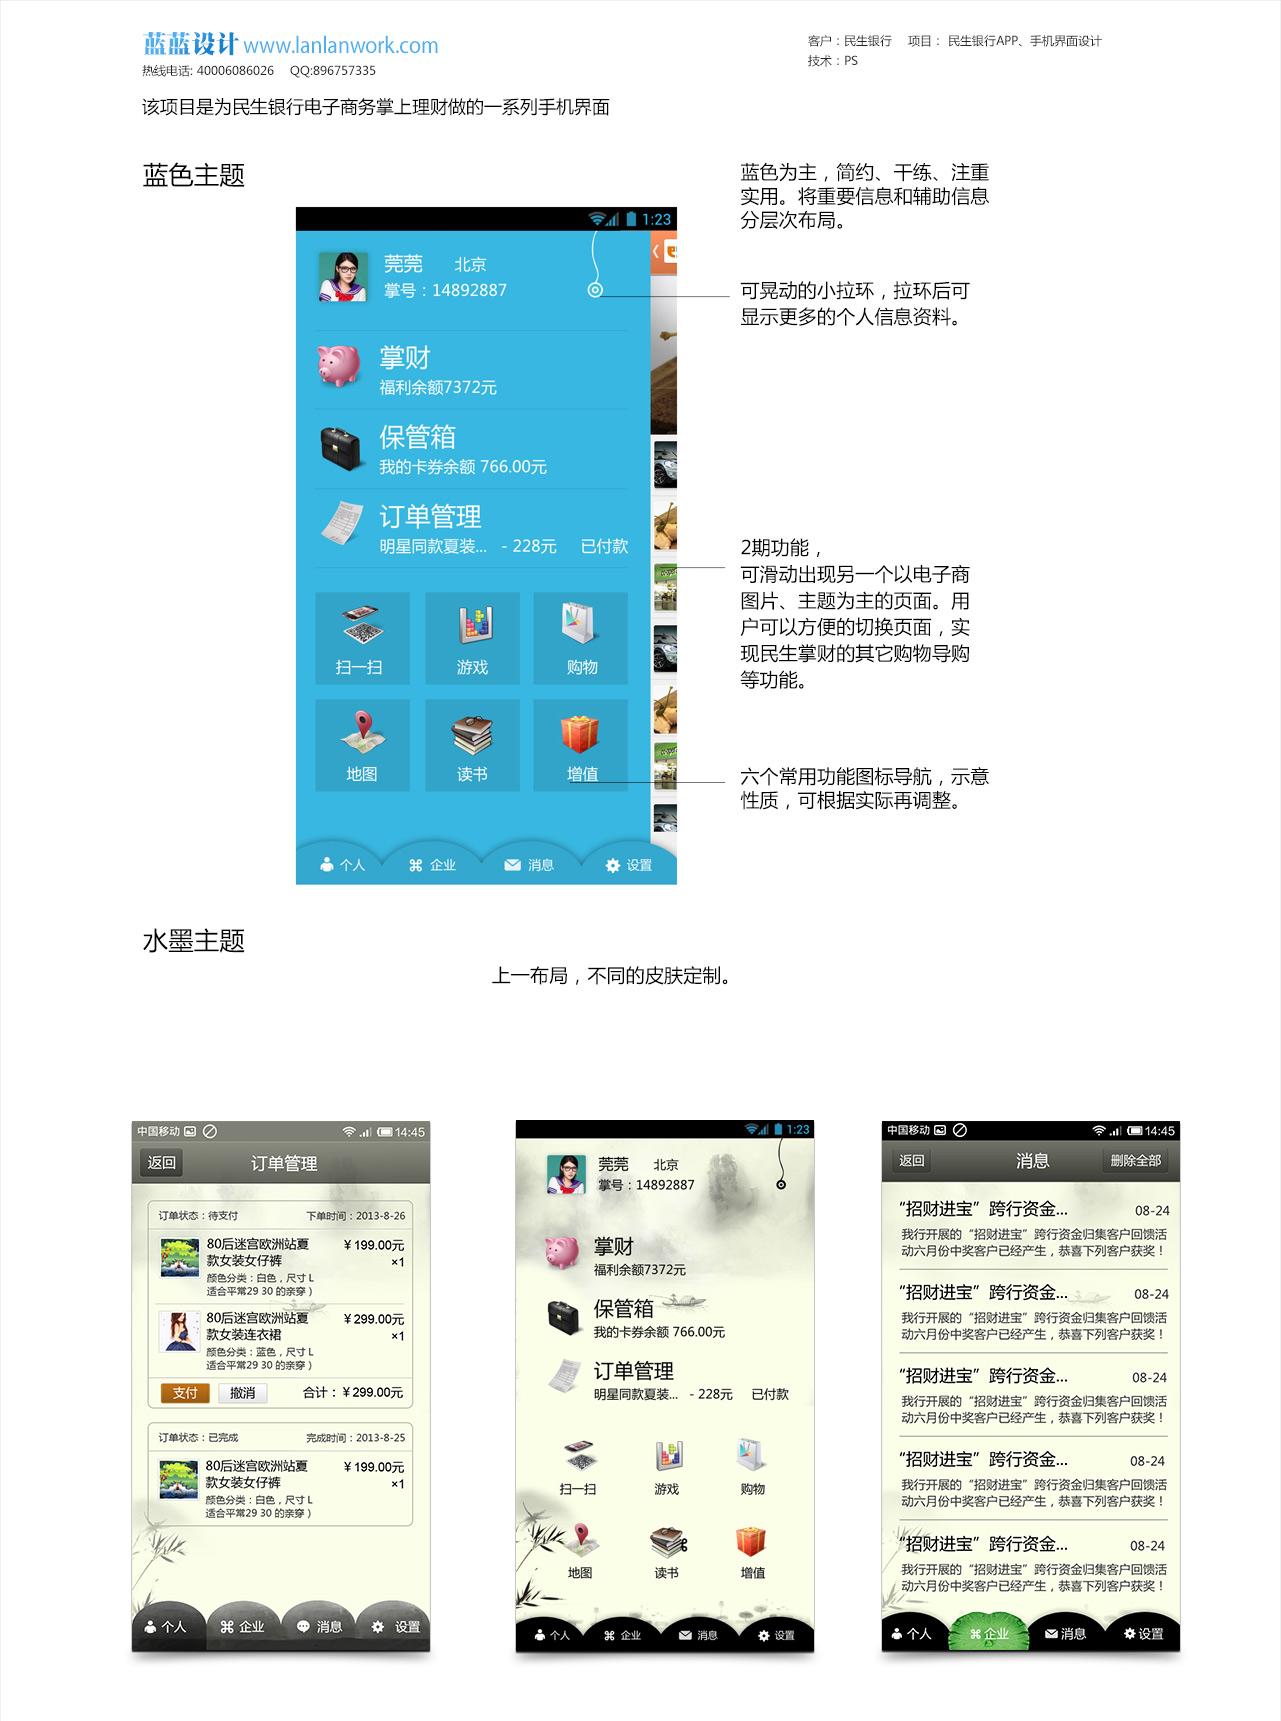 民生银行手机界面设计案例